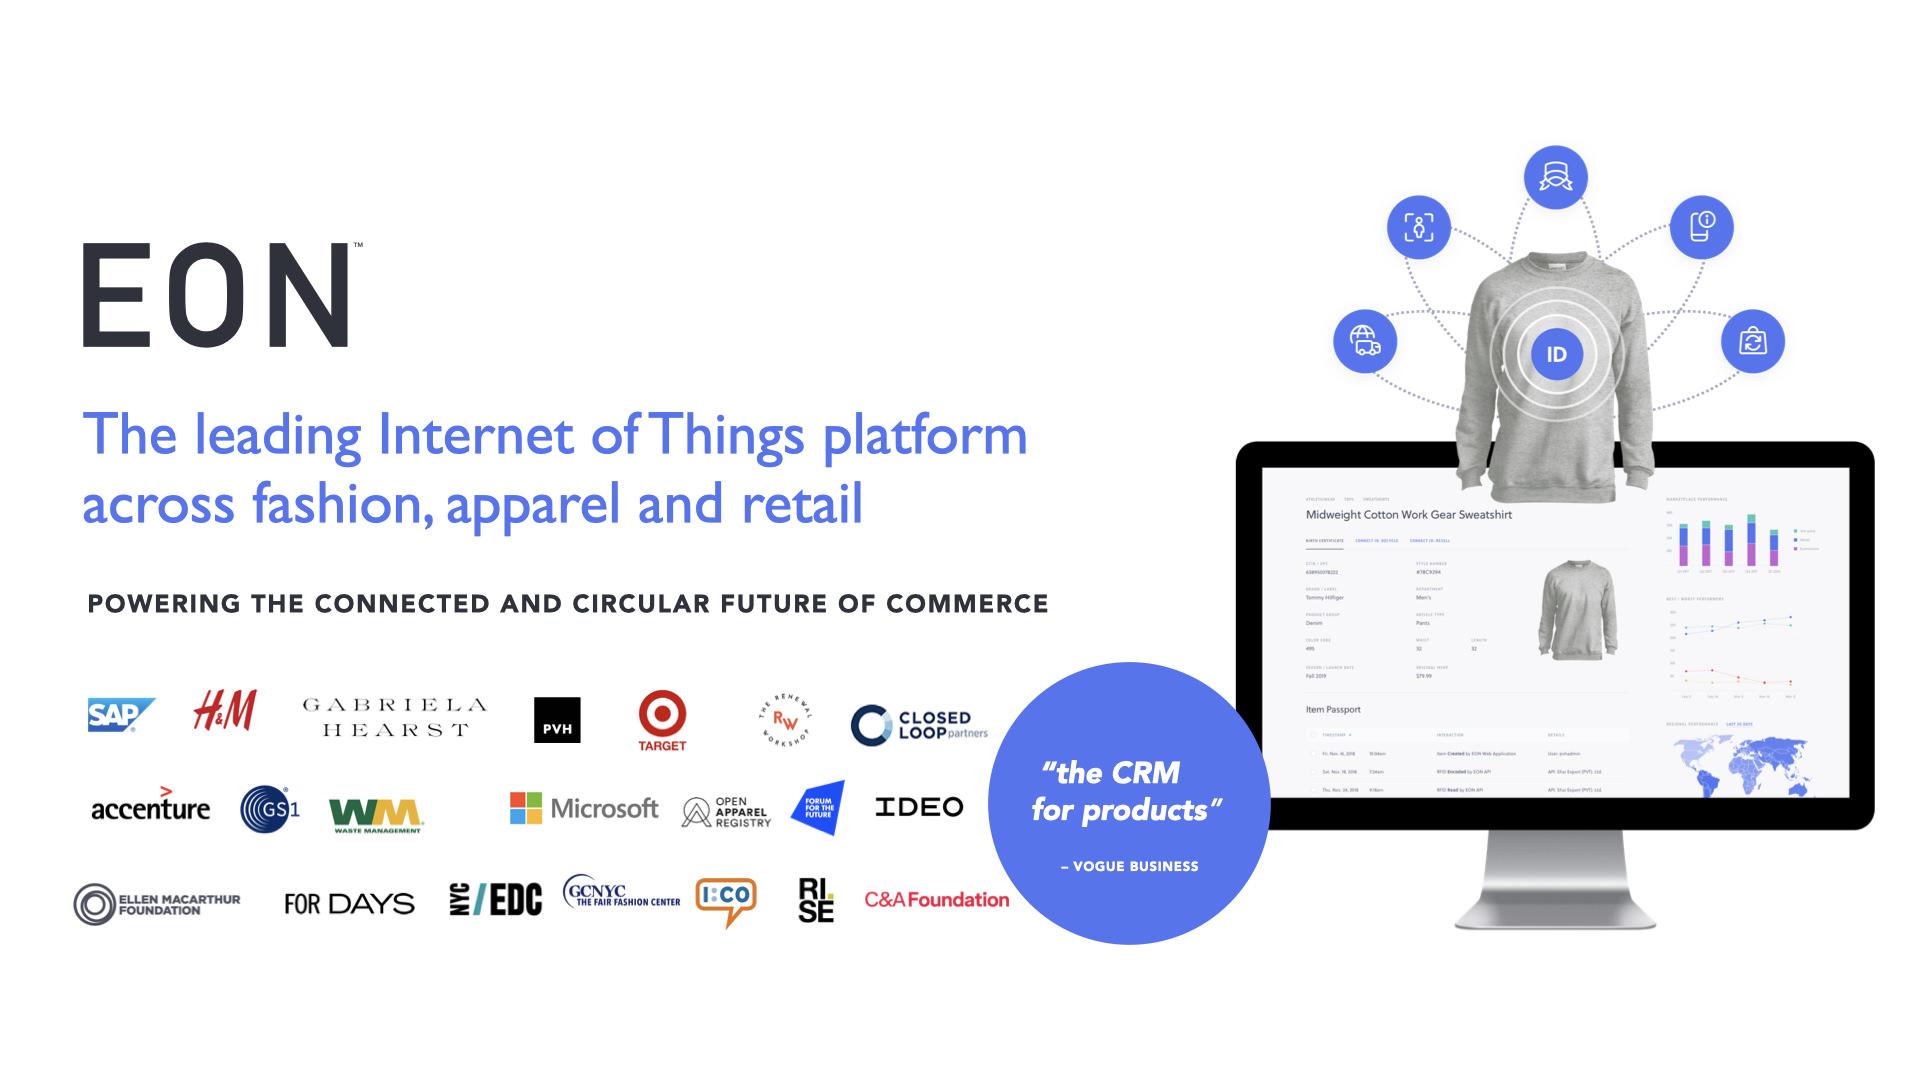 Gallery EON Internet of Things platform 3